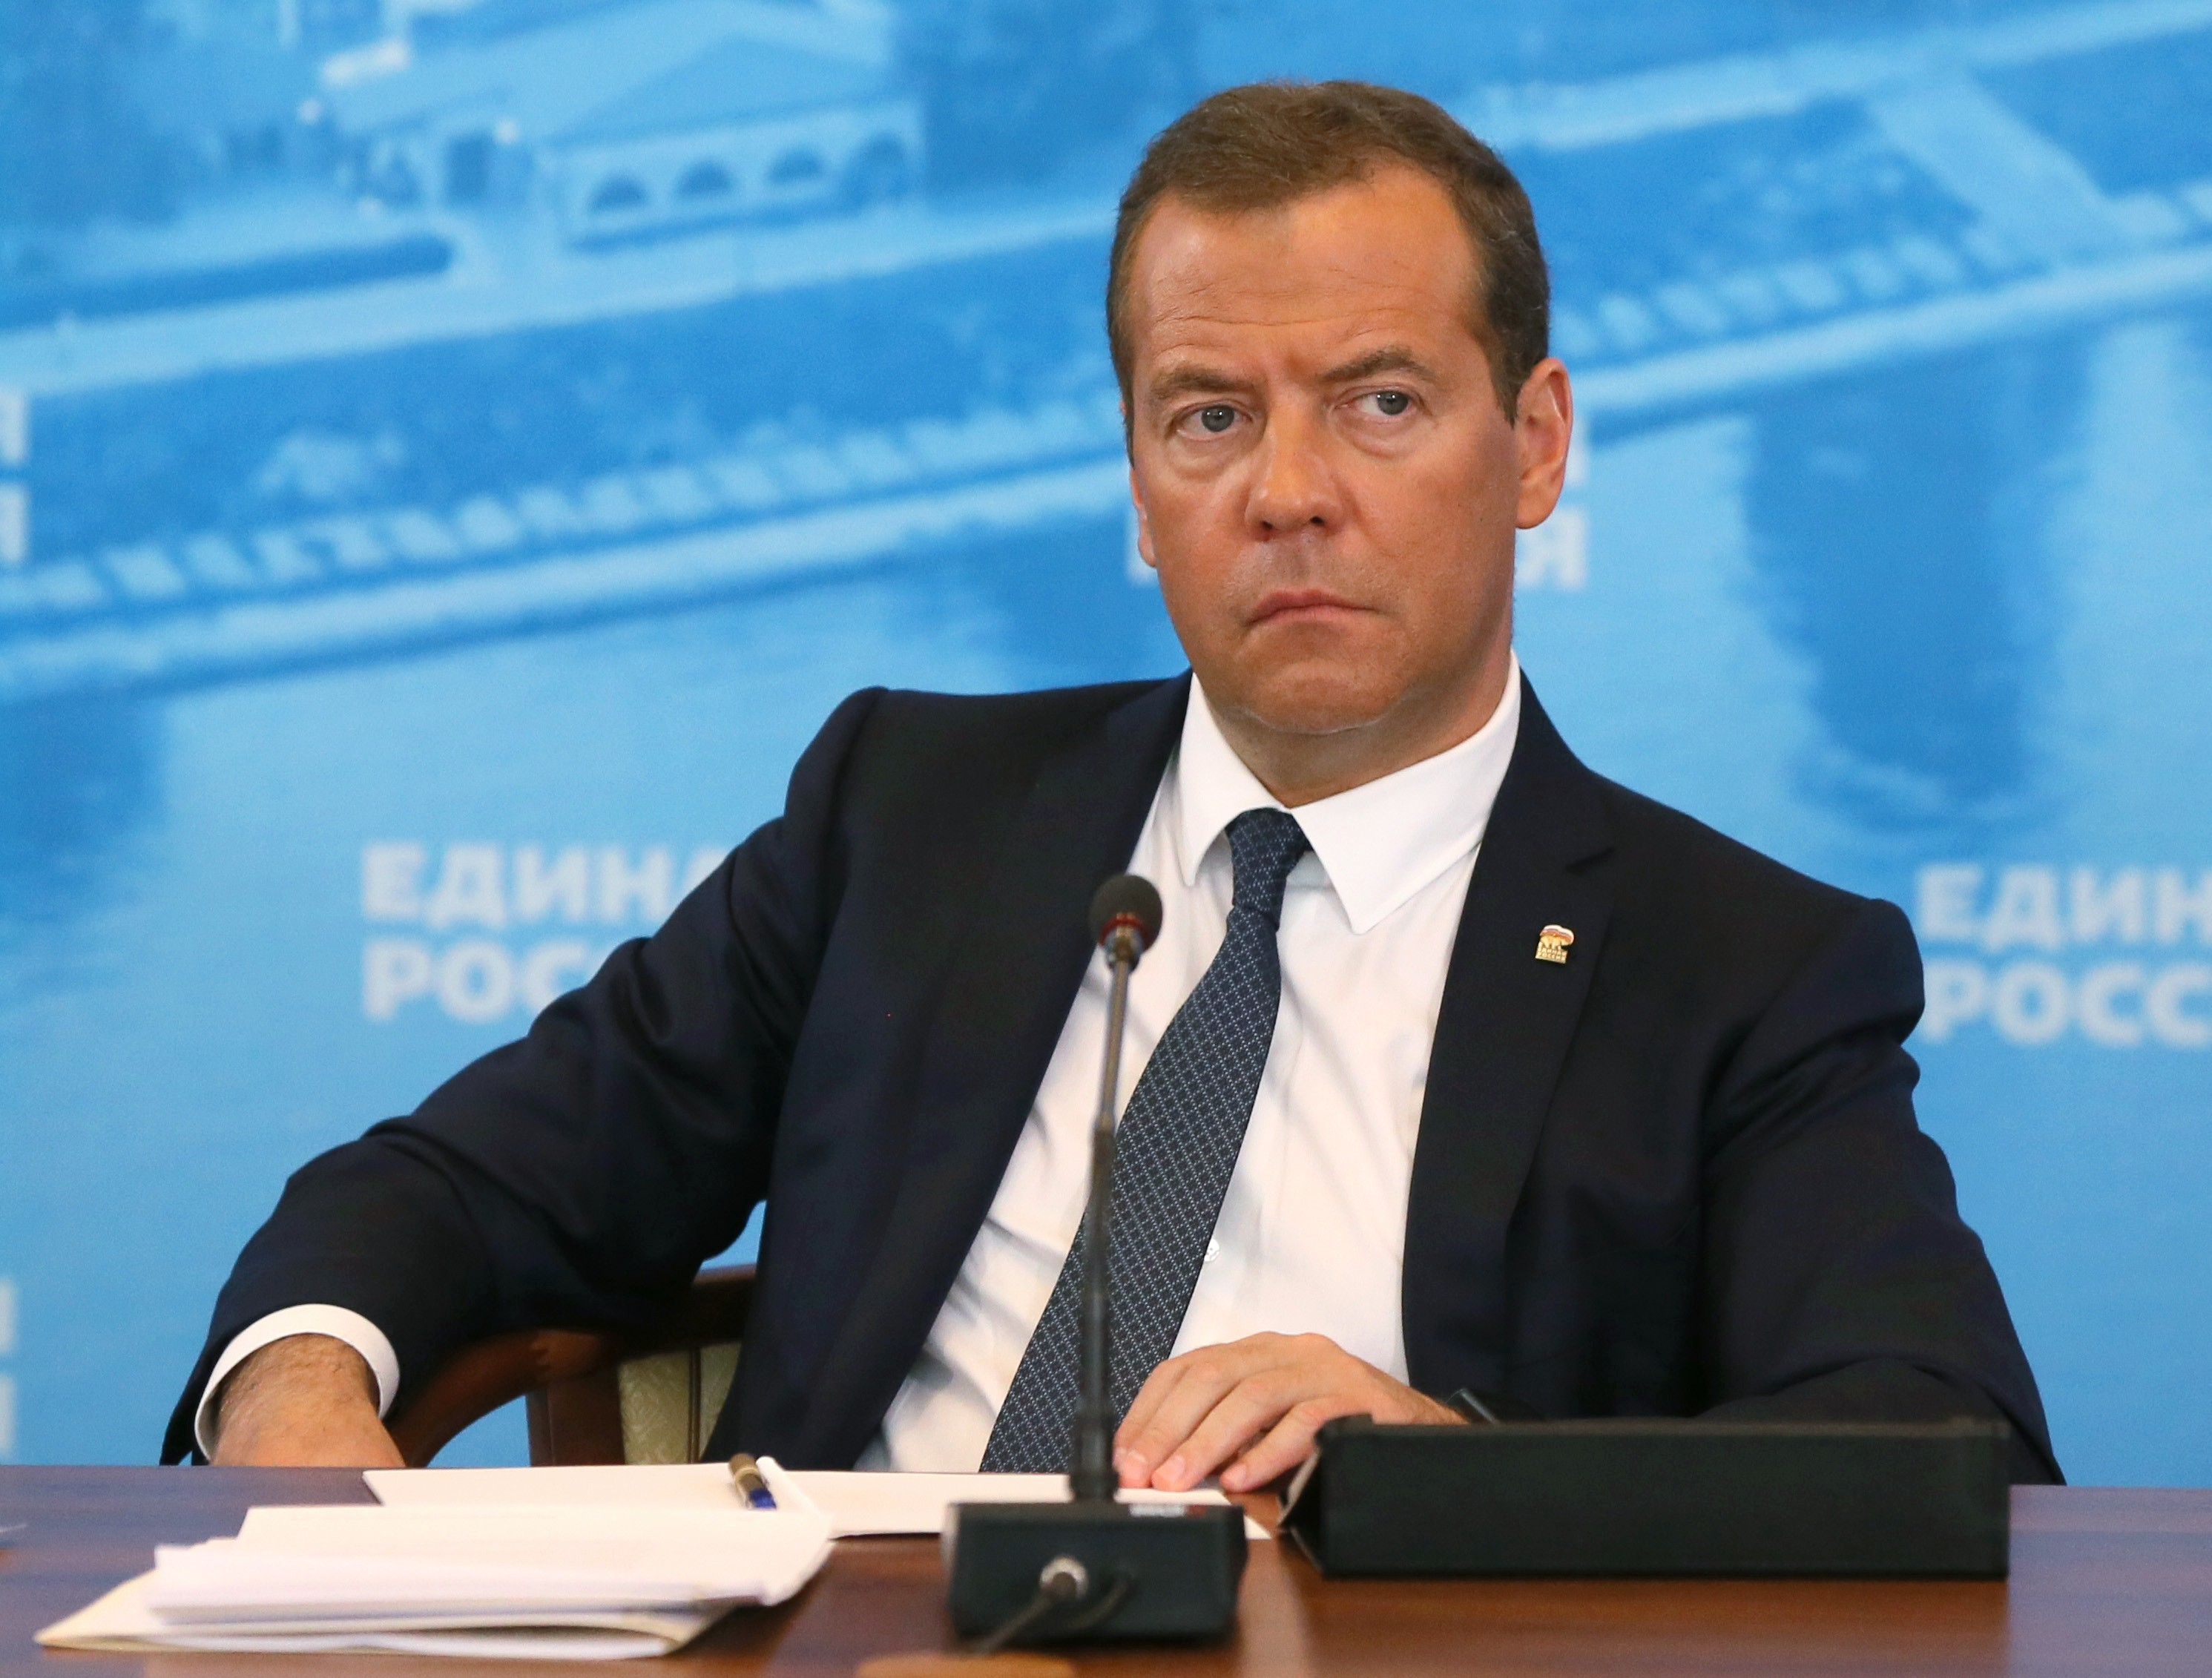 <p>Председатель Правительства РФ Дмитрий Медведев. Фото: &copy; РИА Новости/Екатерина Штукина</p>